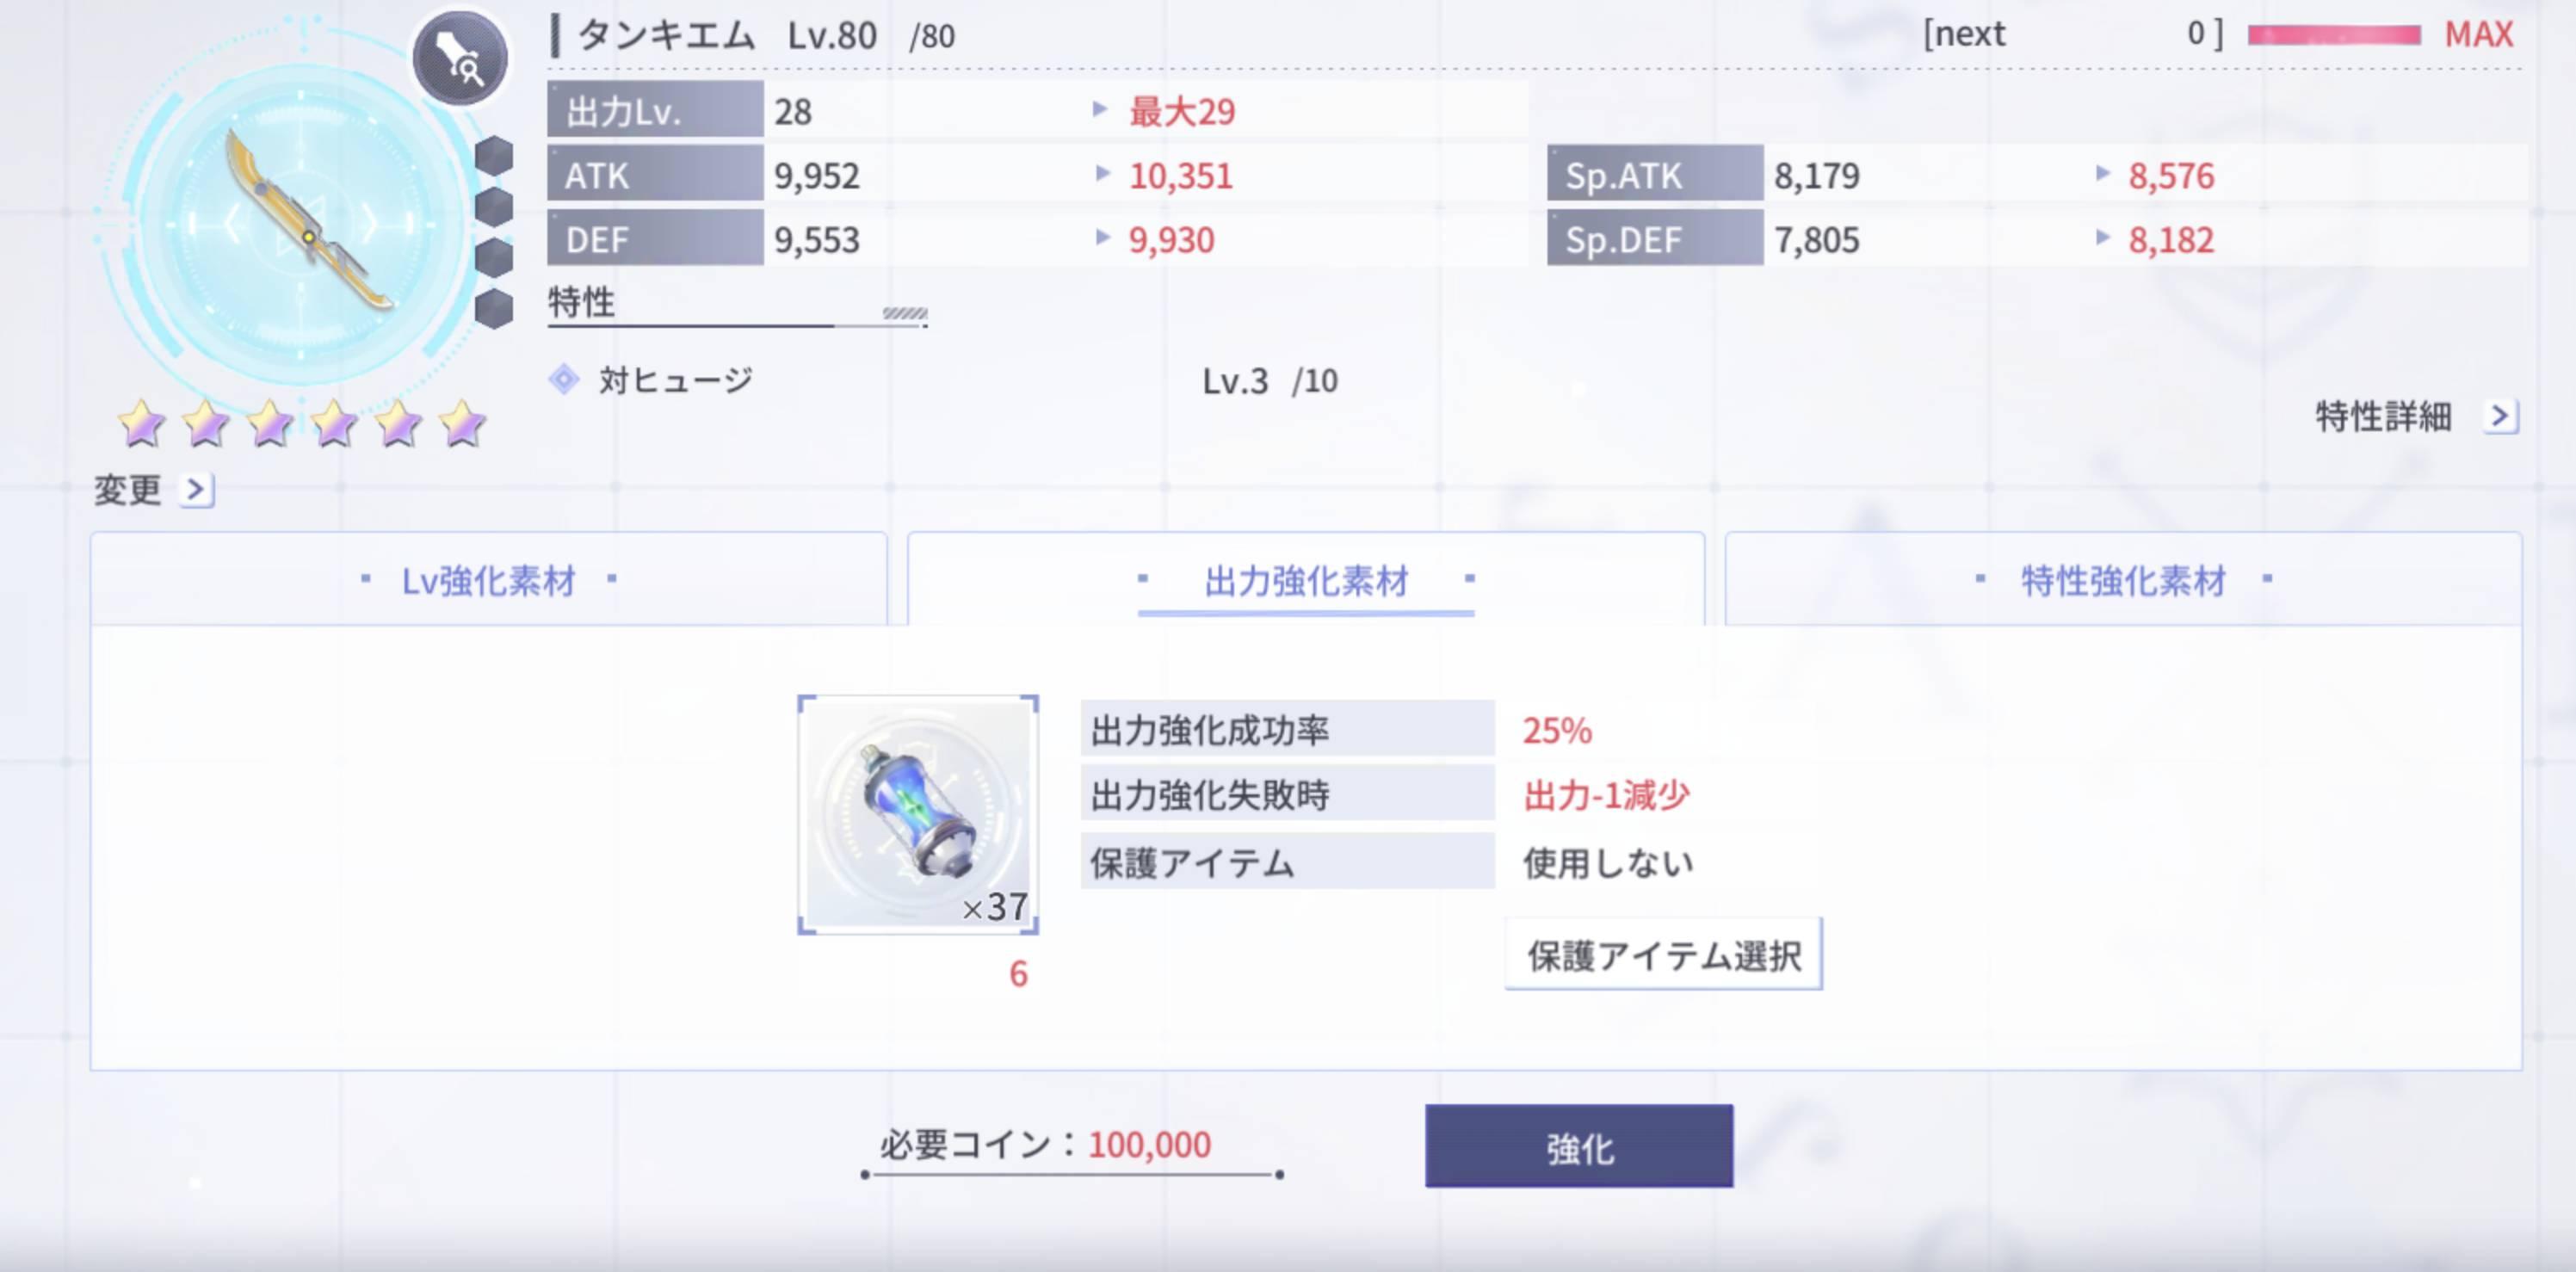 【ラスバレ】最後は出力強化成功率25%ってマジ・・? ← おいくら万円かけたんだよ!?